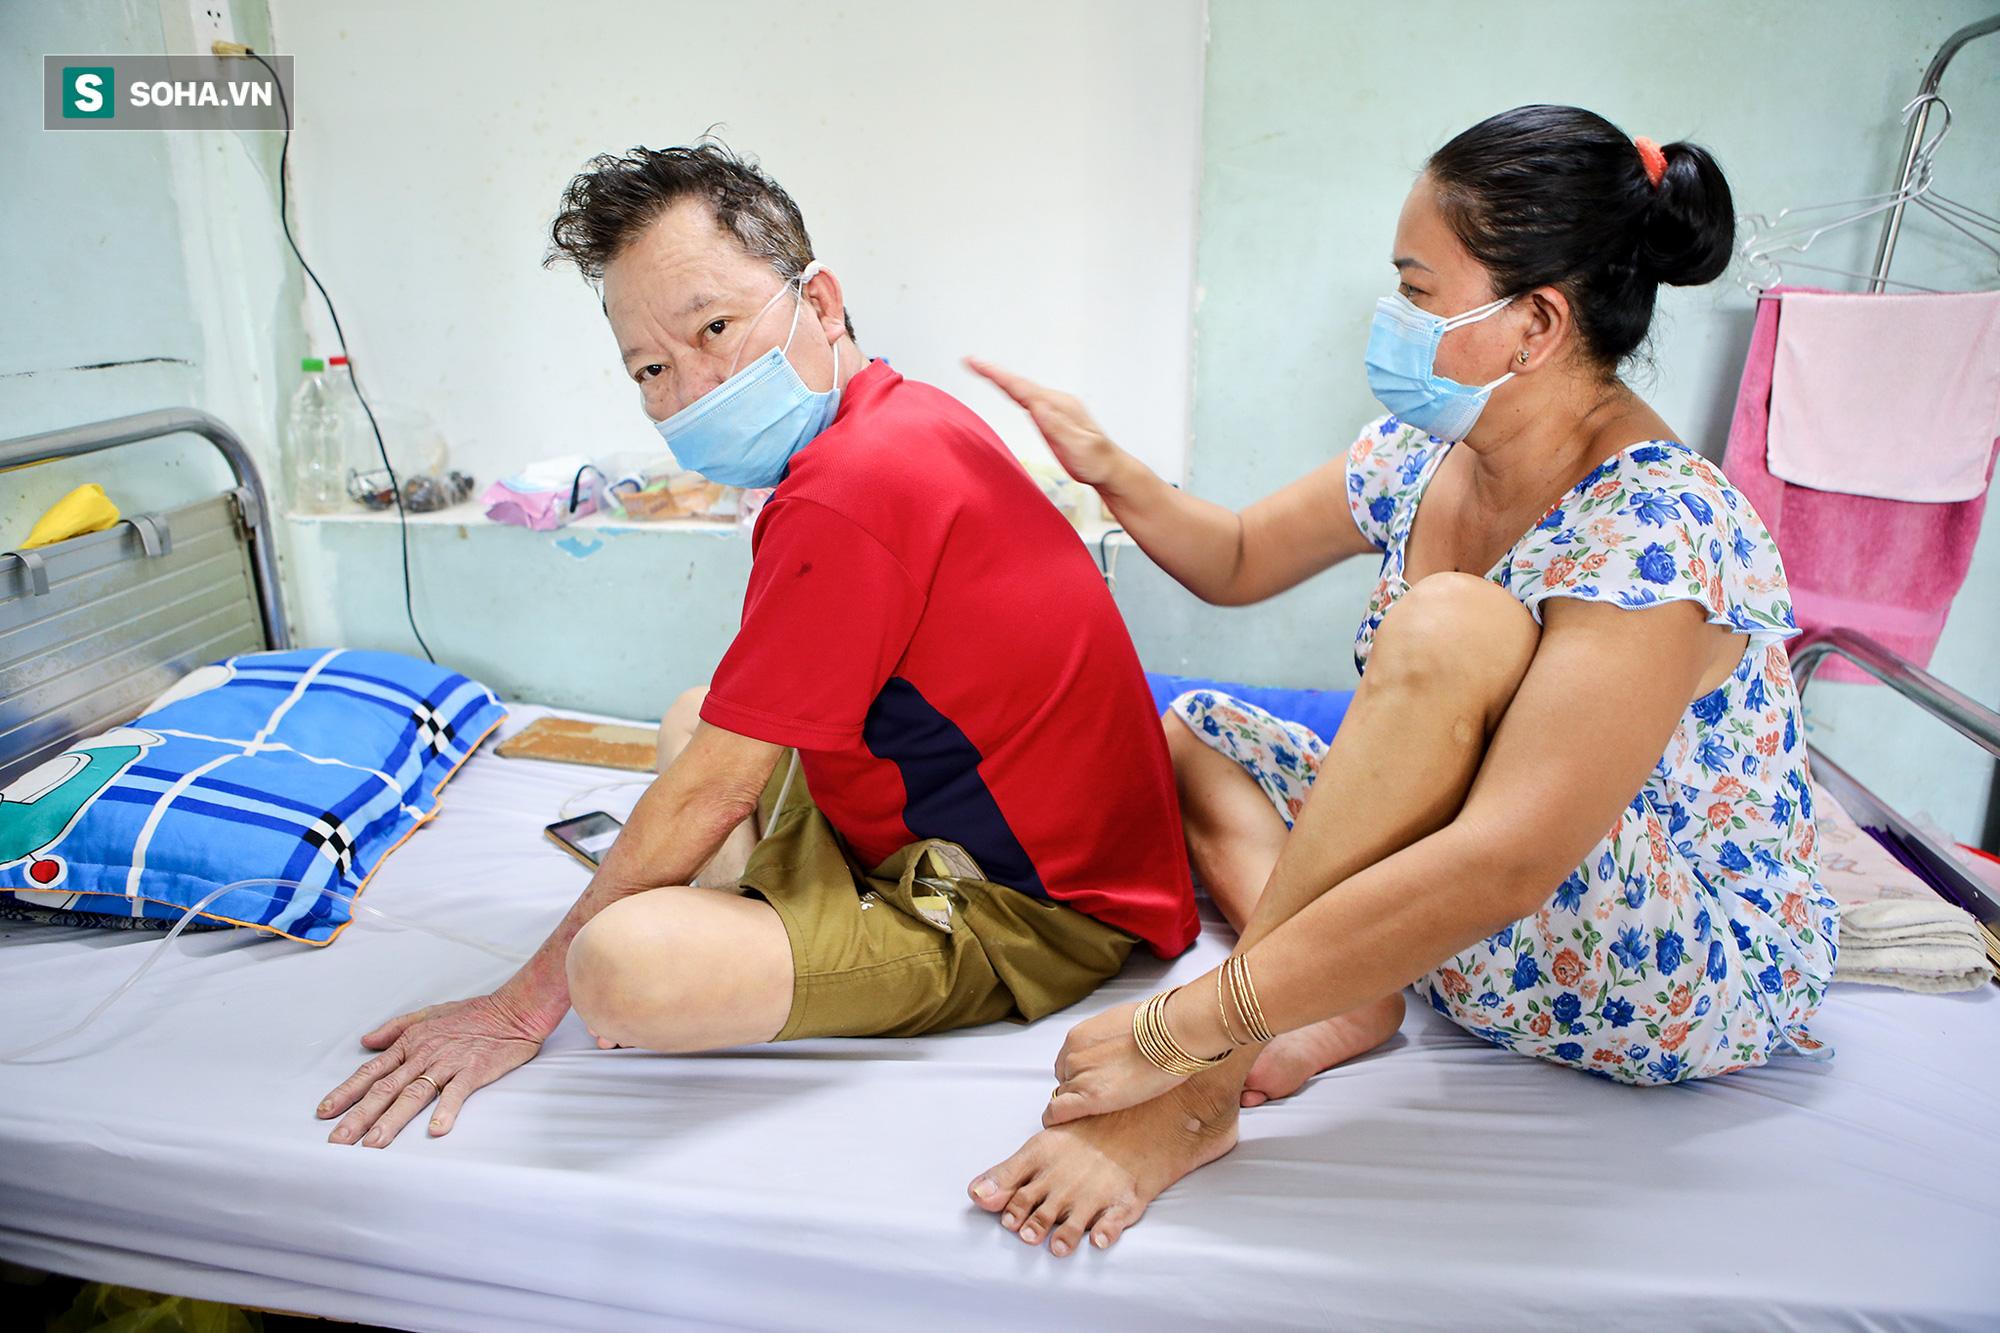 Lớp tập cai máy thở, tập đi và sự hồi phục kỳ diệu của những bệnh nhân mắc Covid-19 nặng - Ảnh 9.